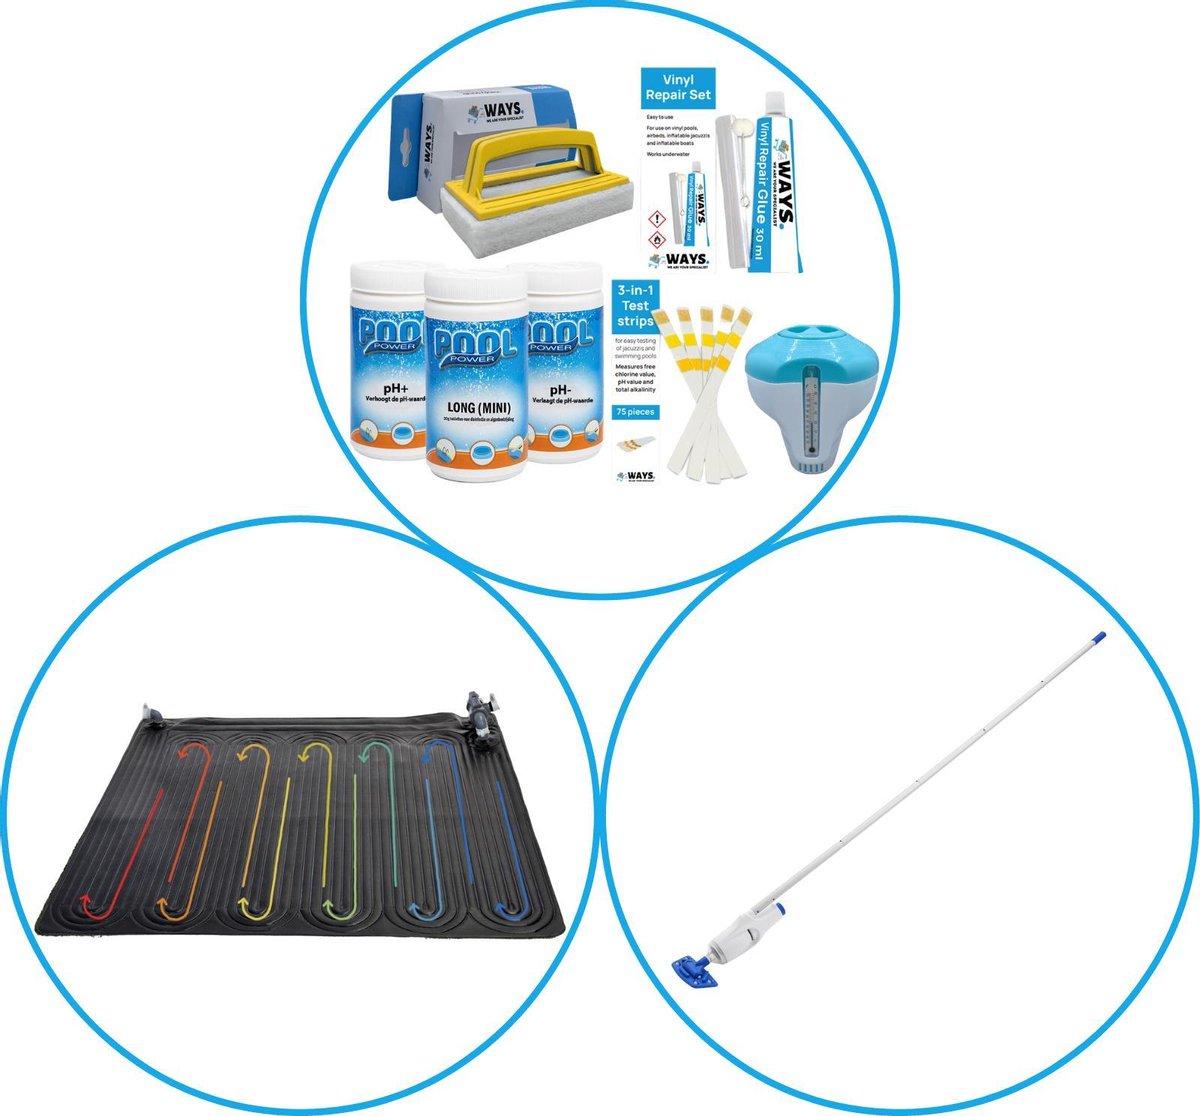 WAYS - Zwembad Accessoirepakket 3-delig - WAYS Onderhoudspakket & Zwembad verwarming & Zwembad stofzuiger